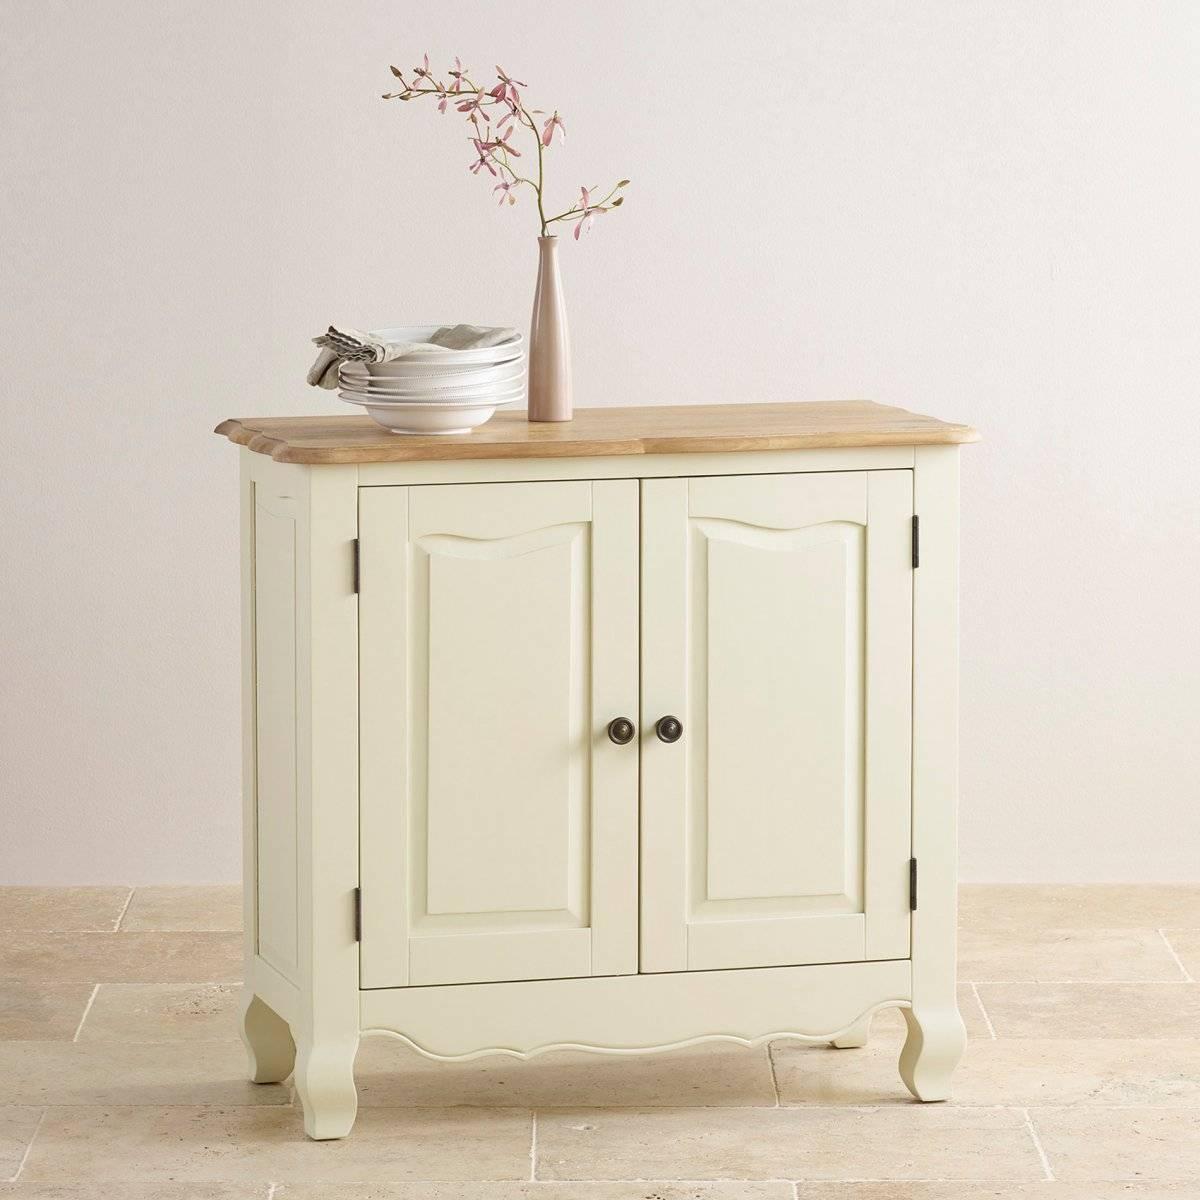 Bella Small Sideboard In Cream Painted Oak | Oak Furniture Land With Narrow Oak Sideboard (#1 of 20)